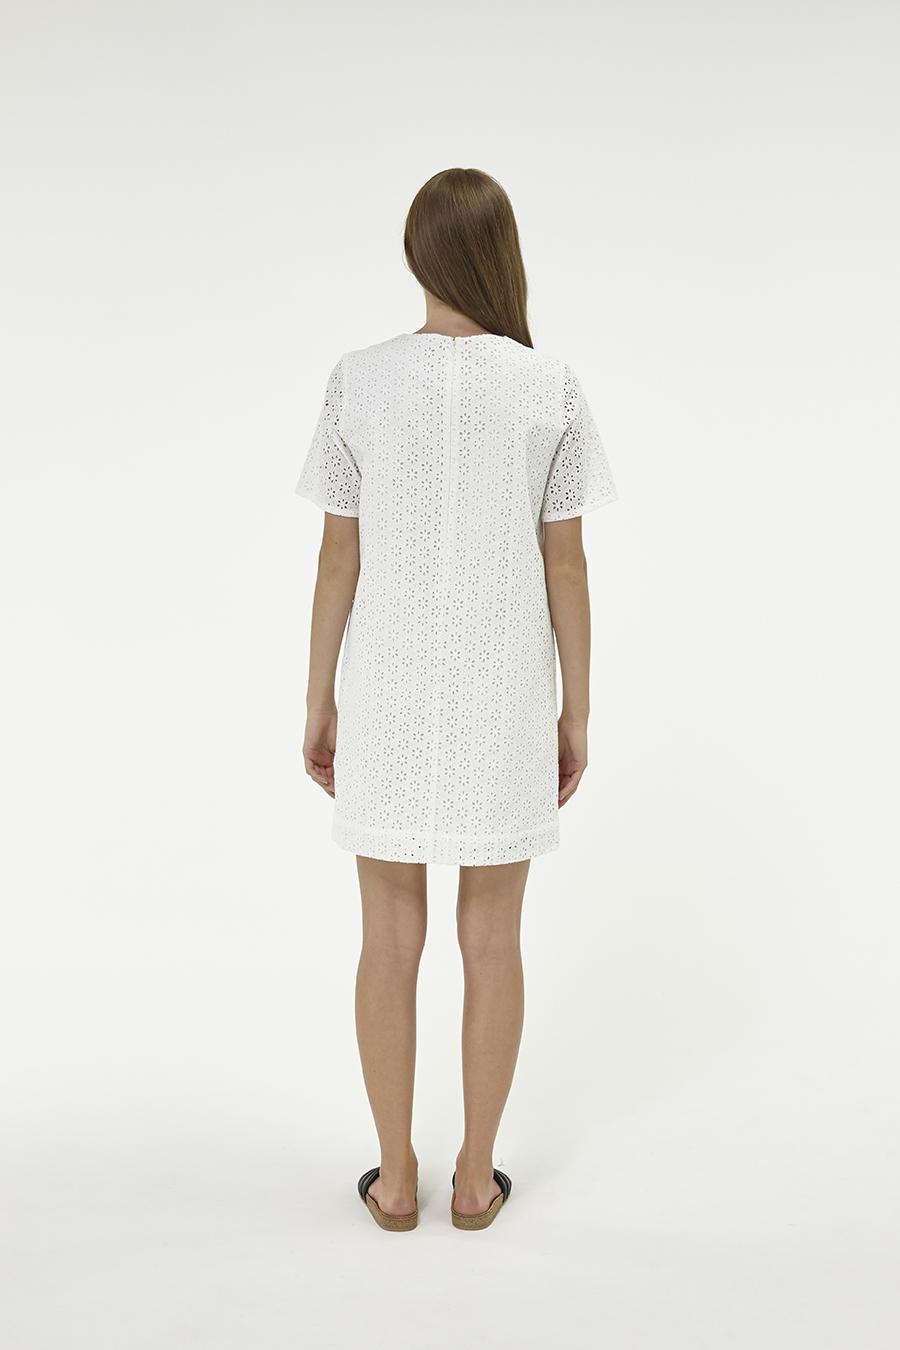 Huffer_Q3-16_W-Hope-Shell-Dress_White-03